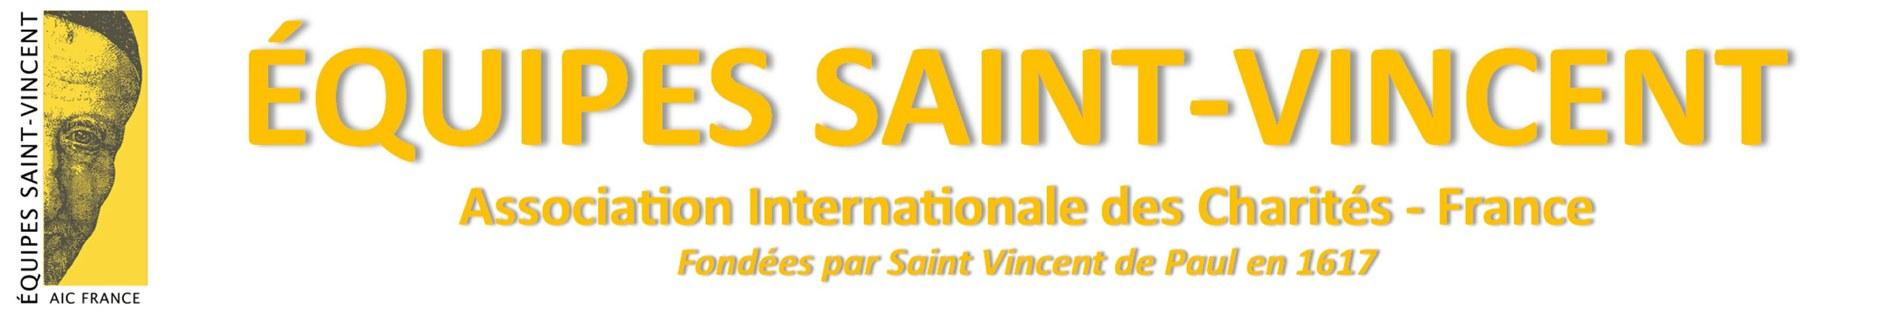 Équipes Saint-Vincent AIC – France